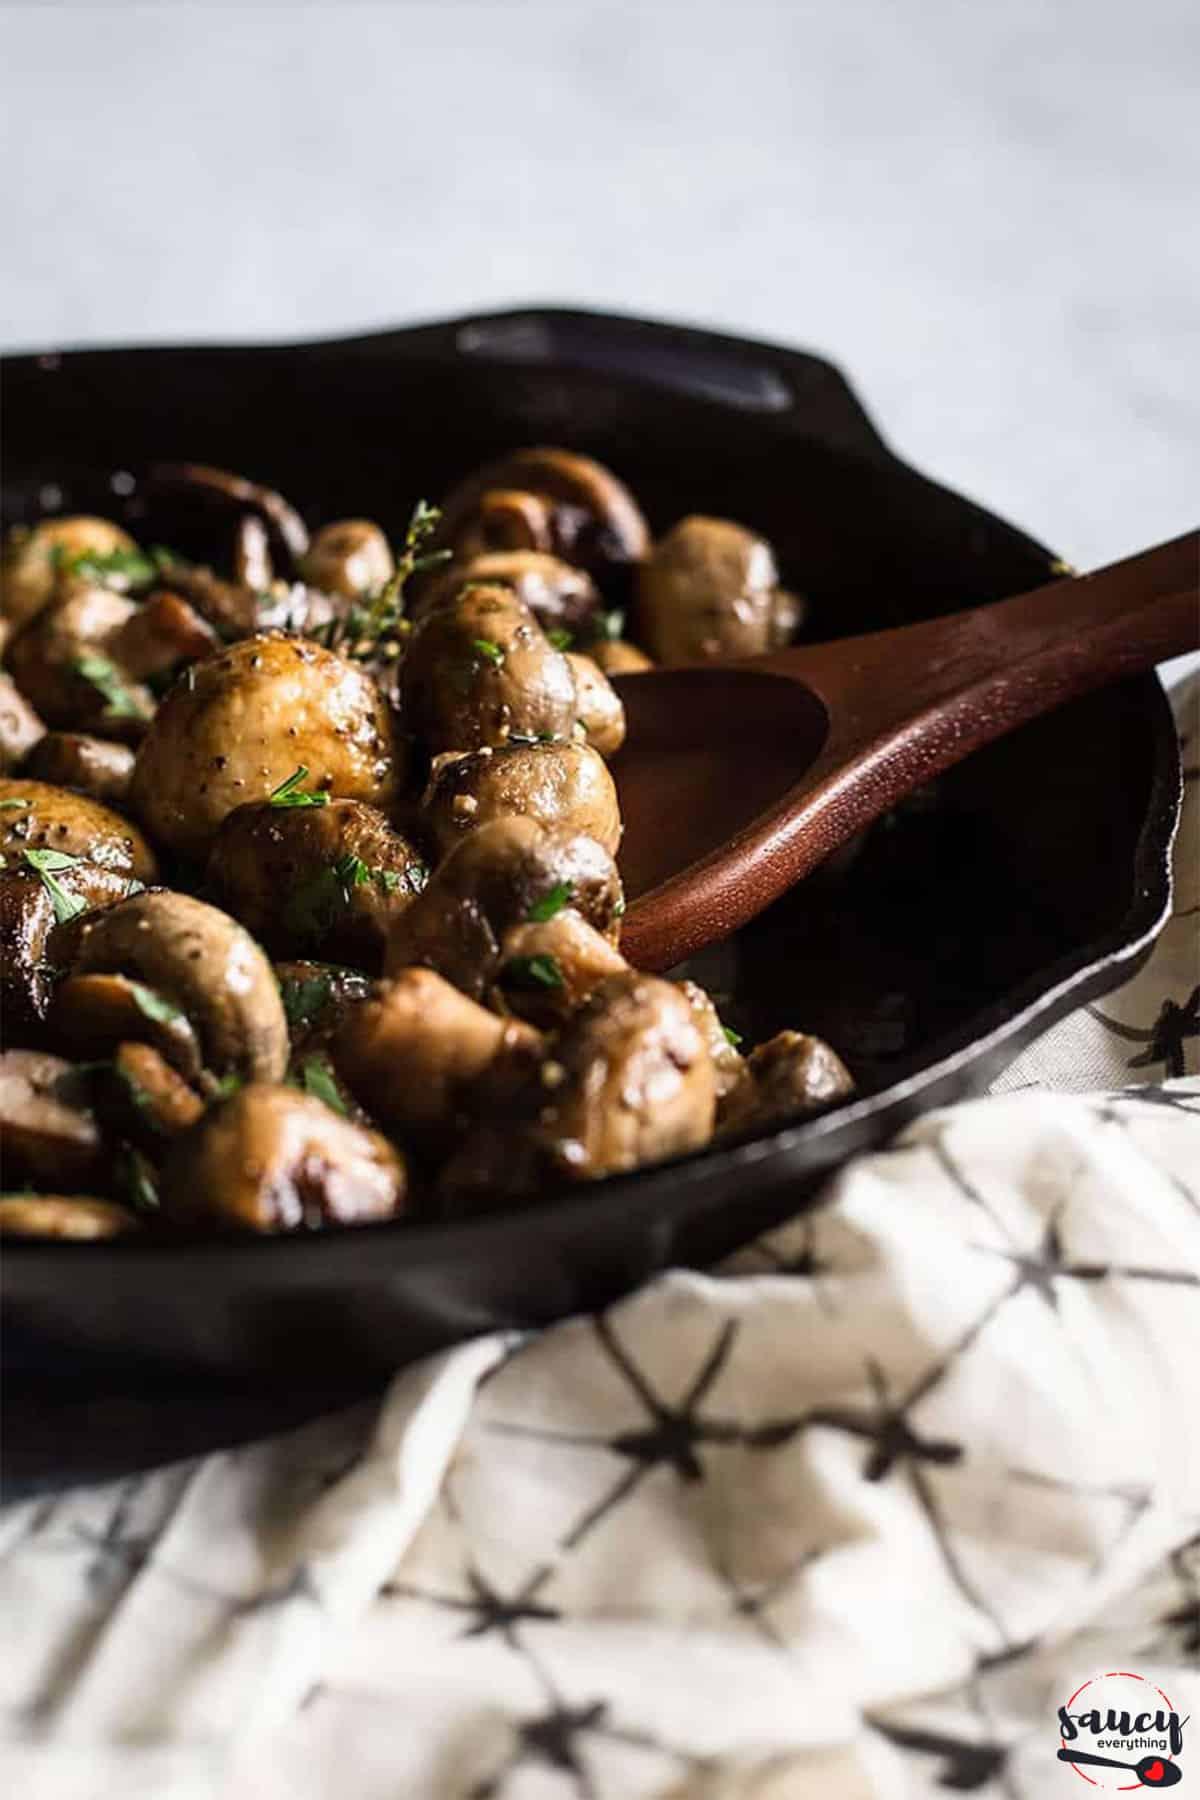 garlic butter mushrooms in a skillet